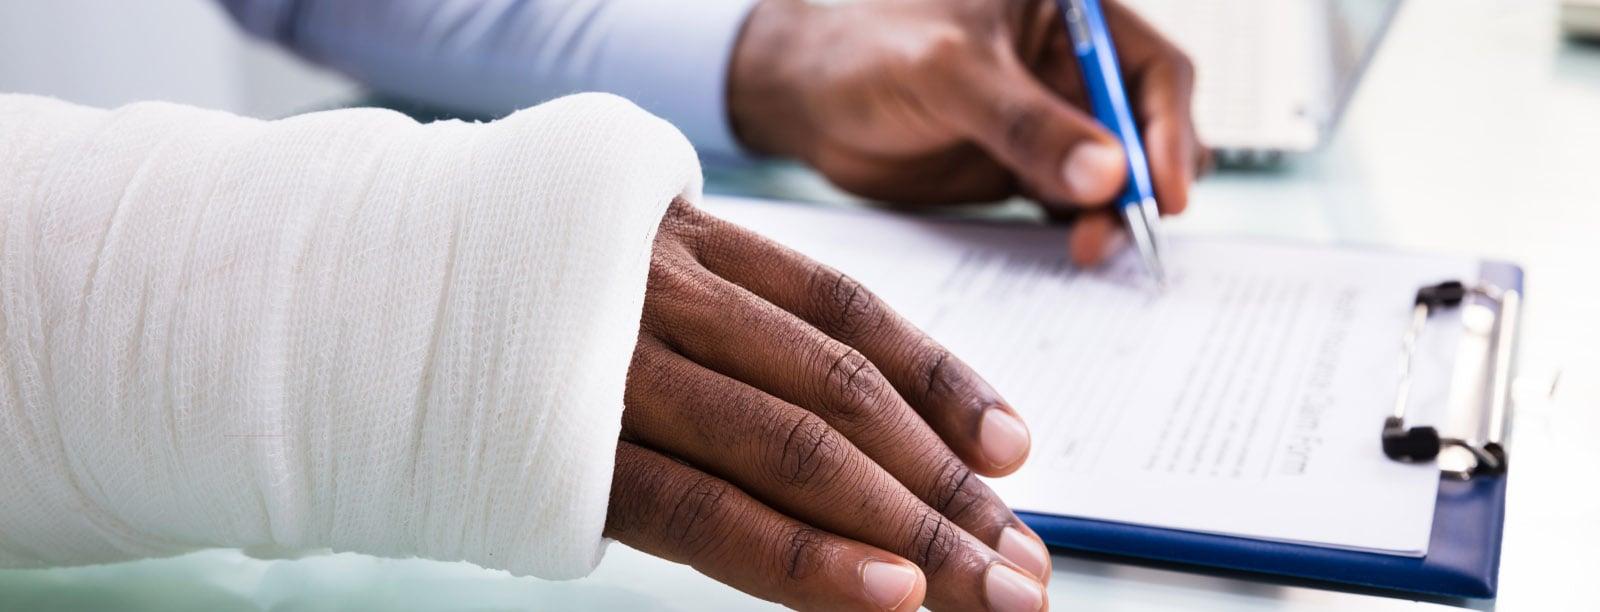 Injured Man Filling Form